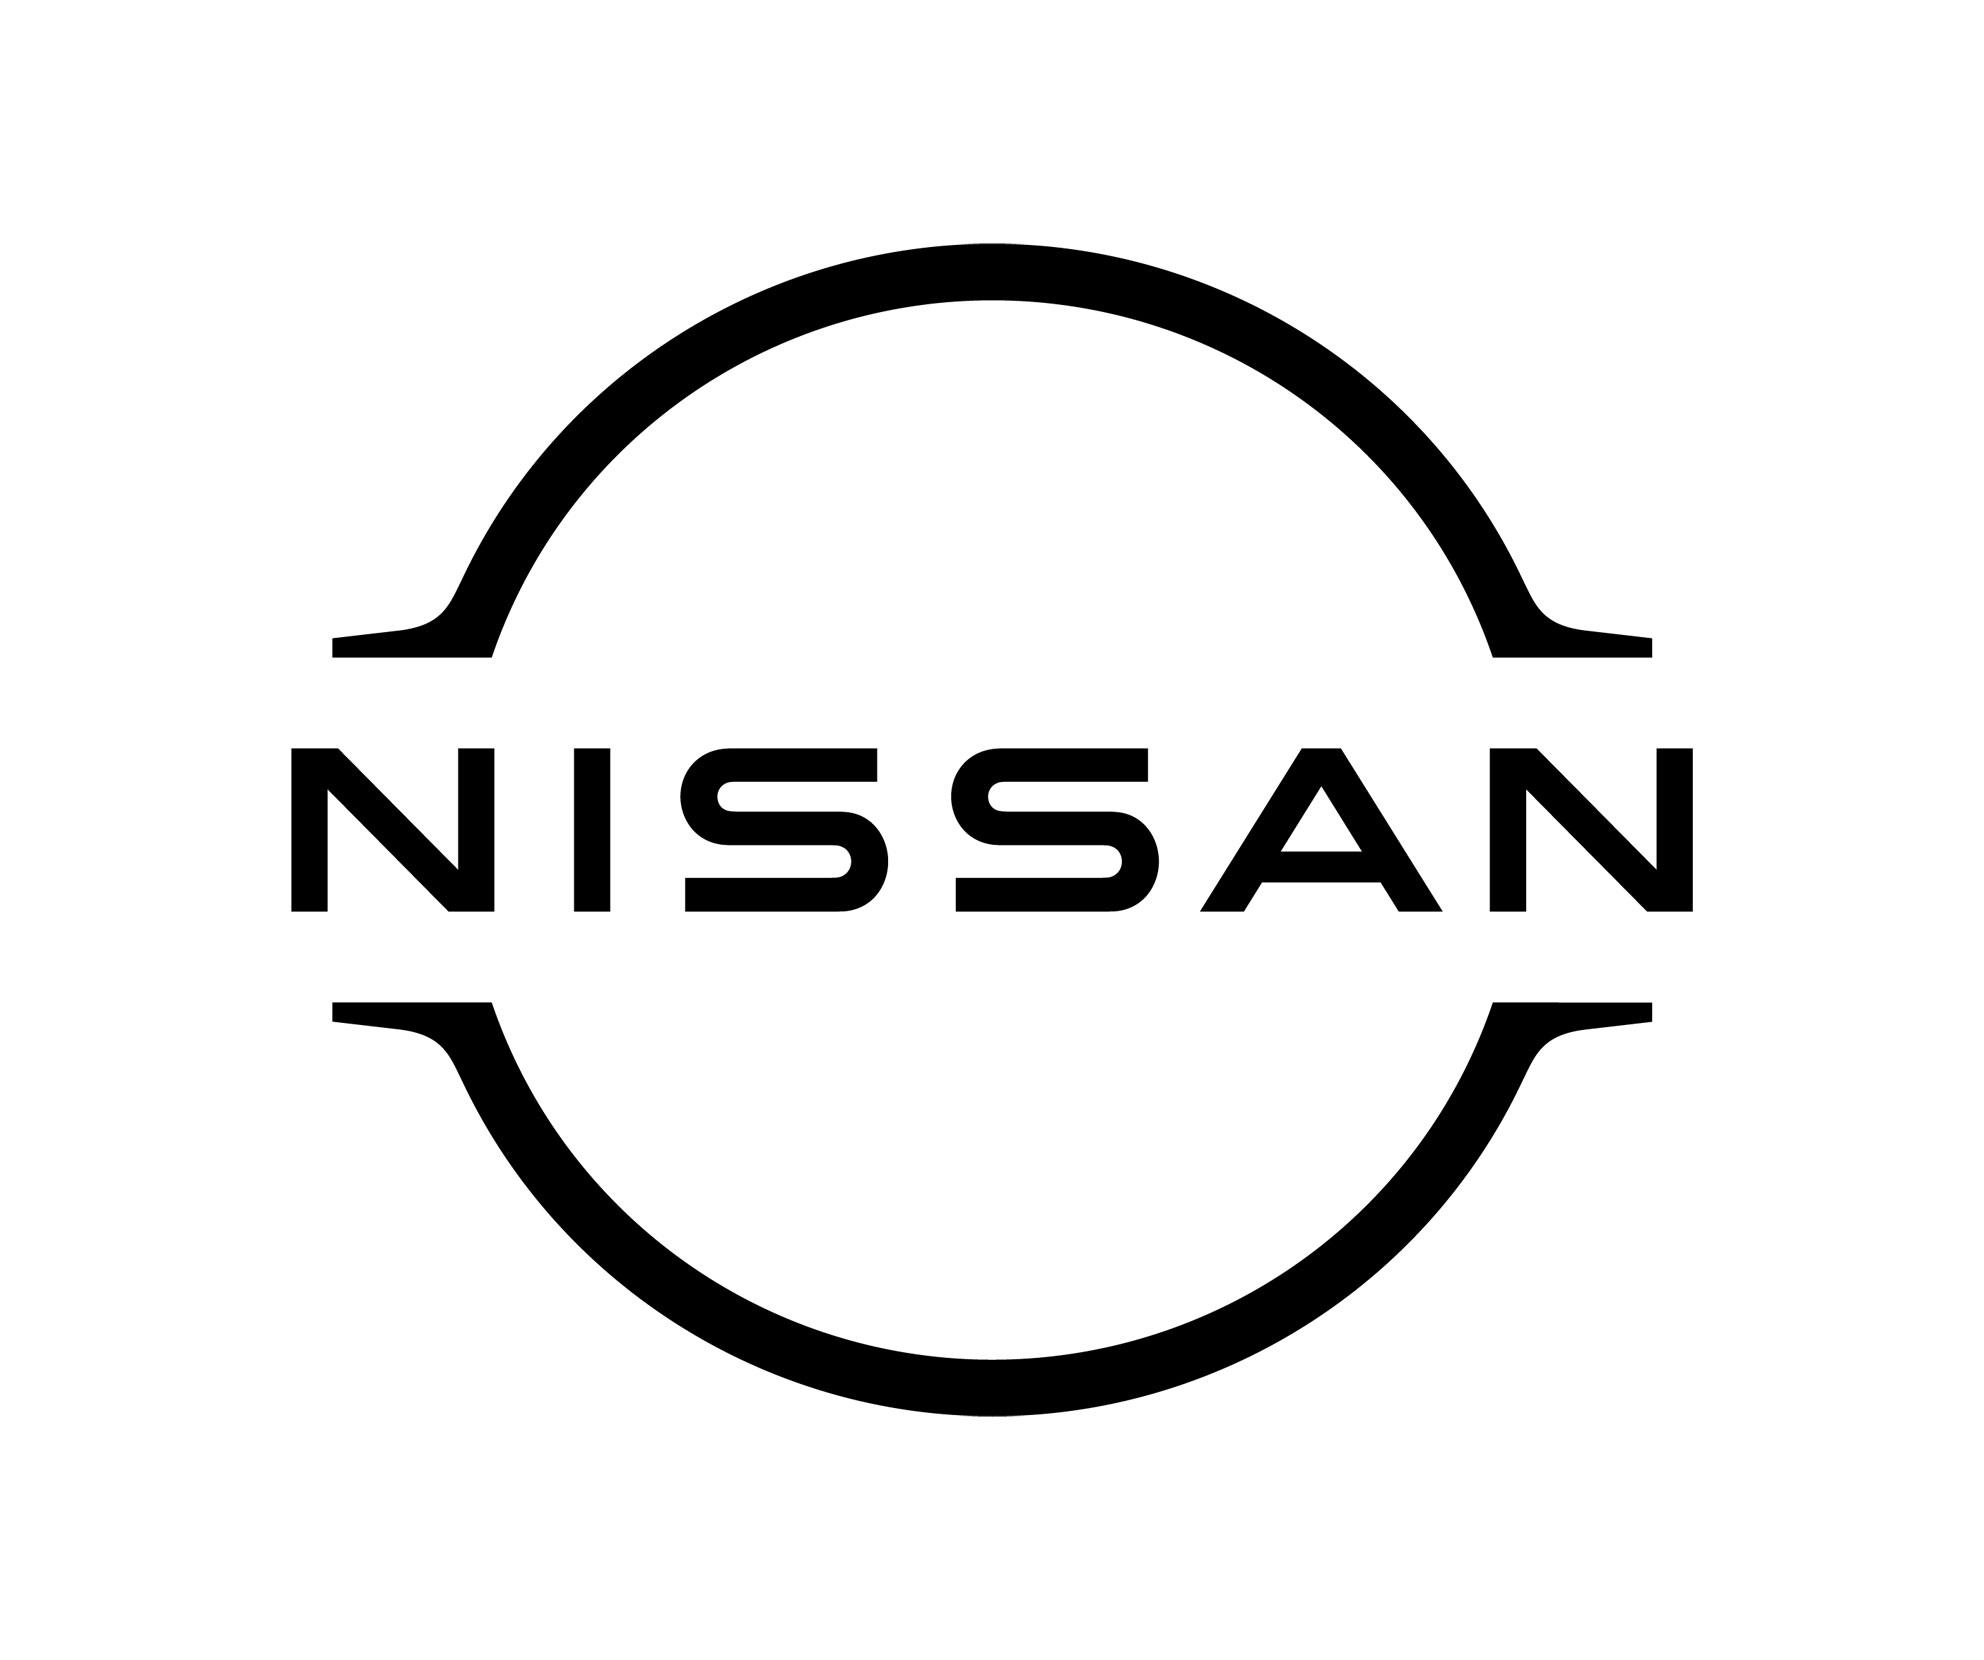 nouveau-logo-noir-nissan-copie